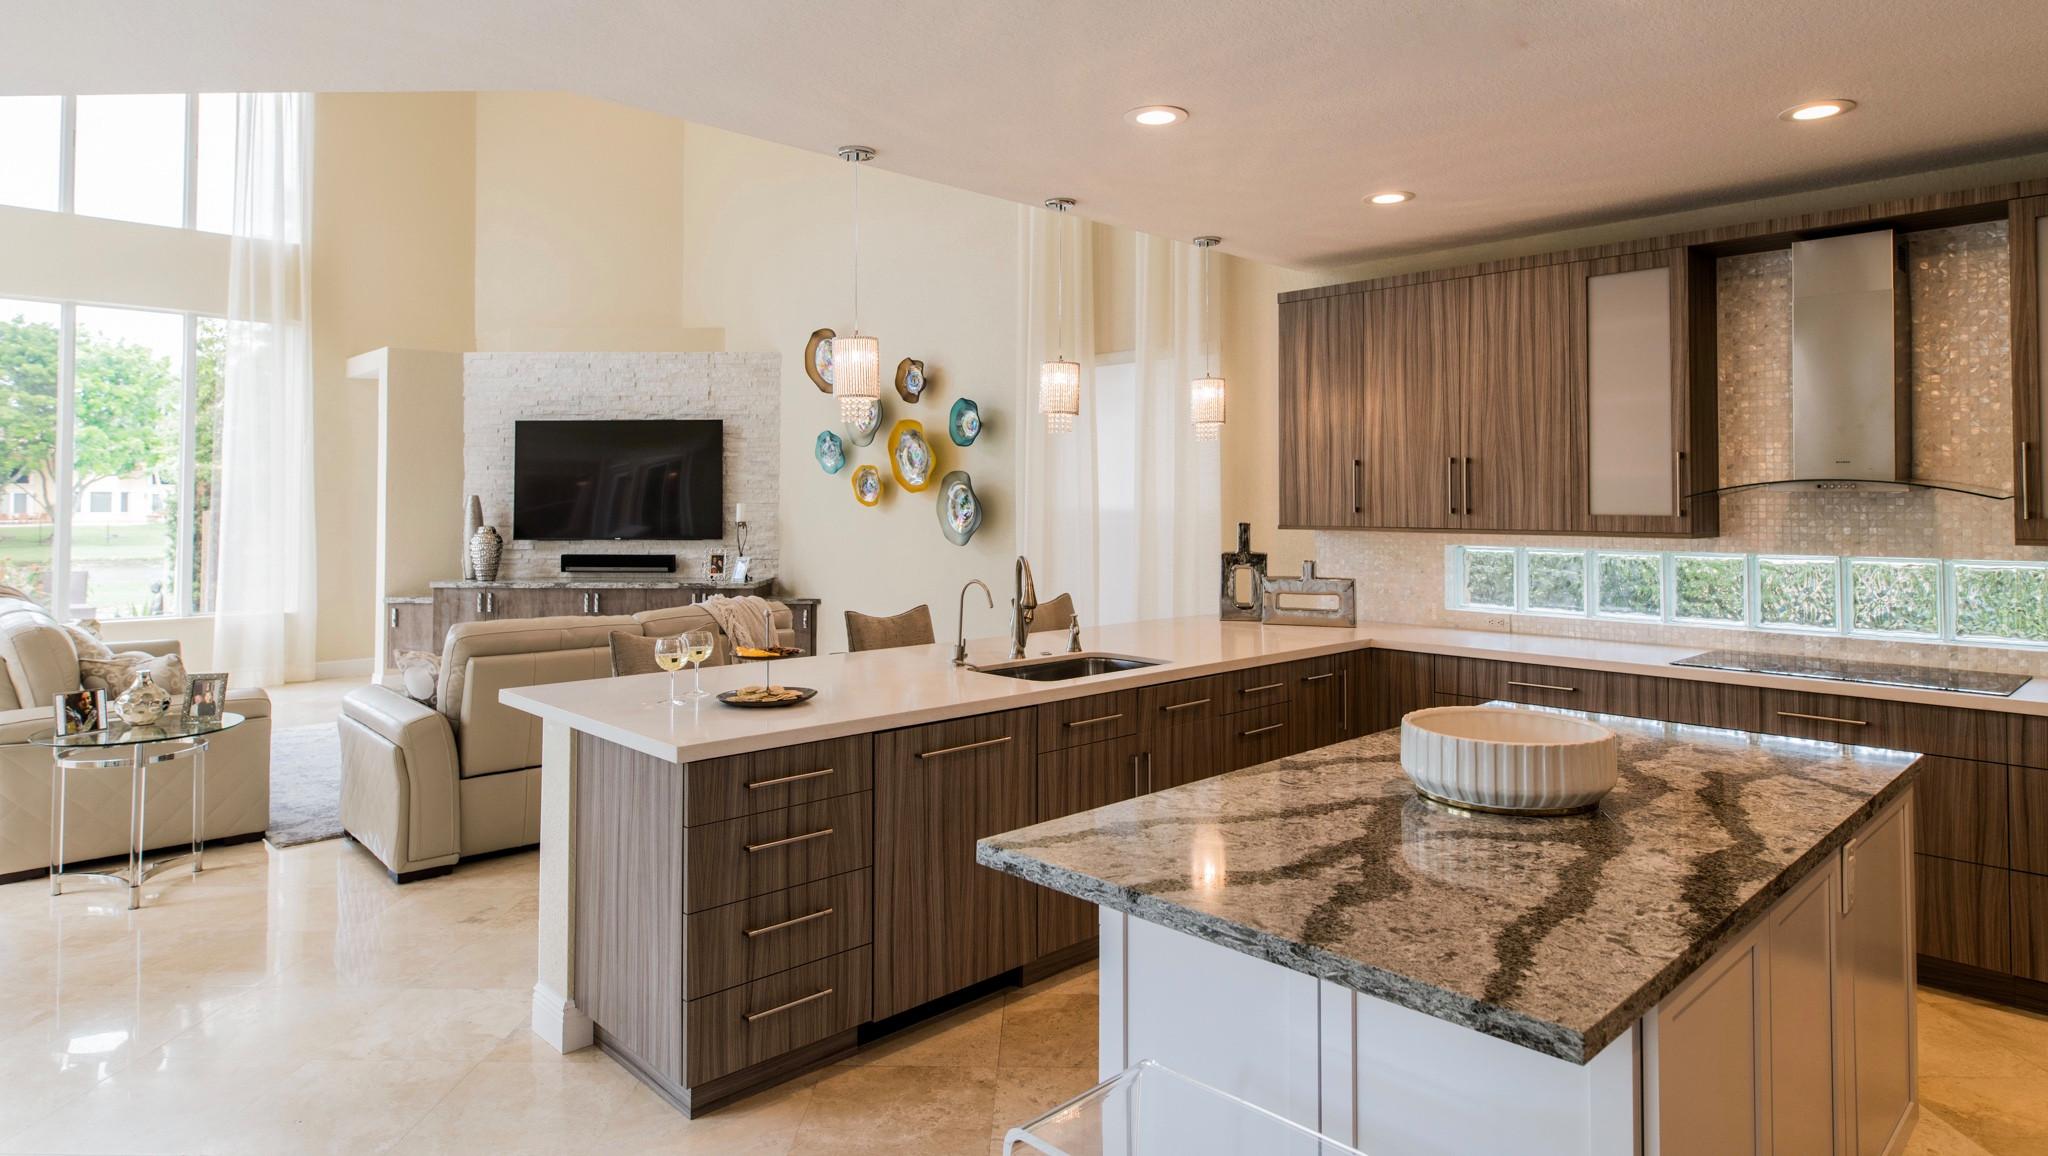 Dream Kitchen Renovation